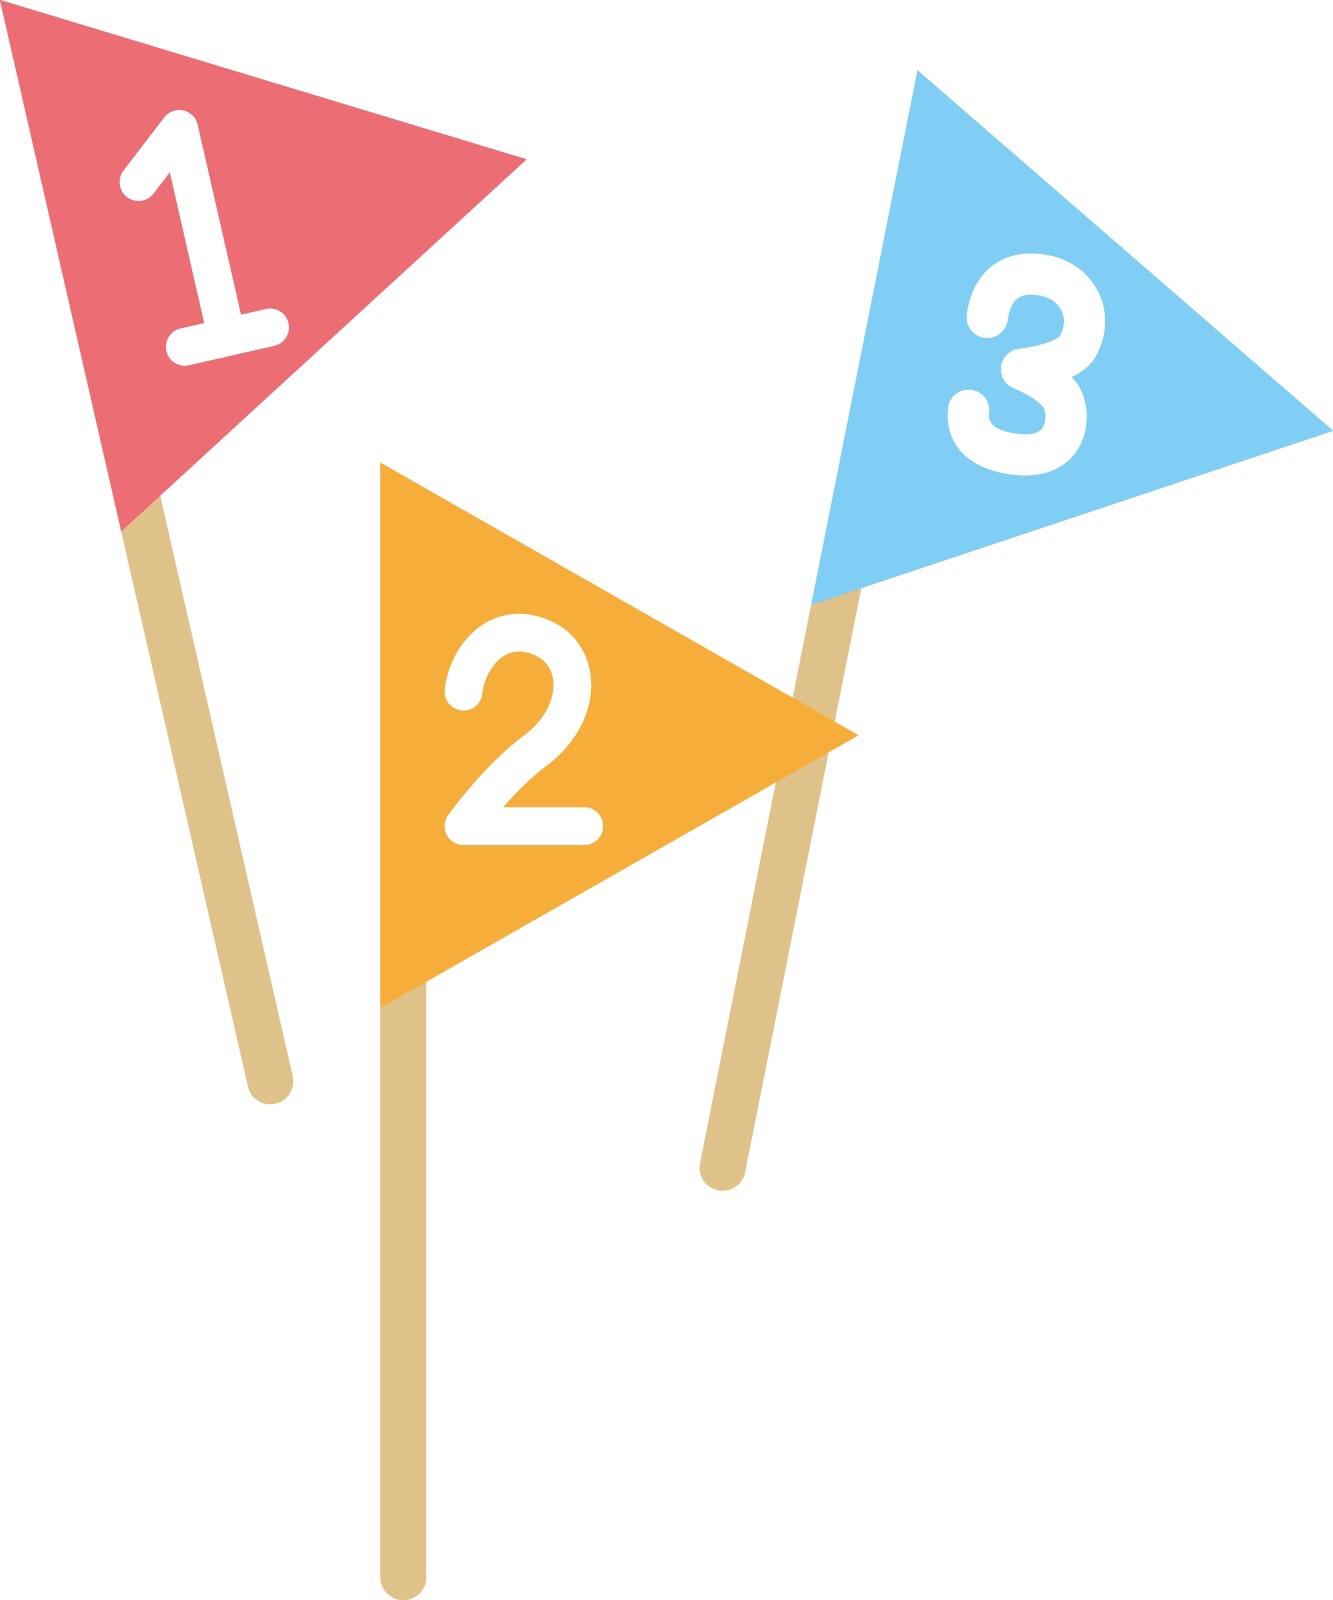 1・2・3と順番に書いてある旗のイラスト